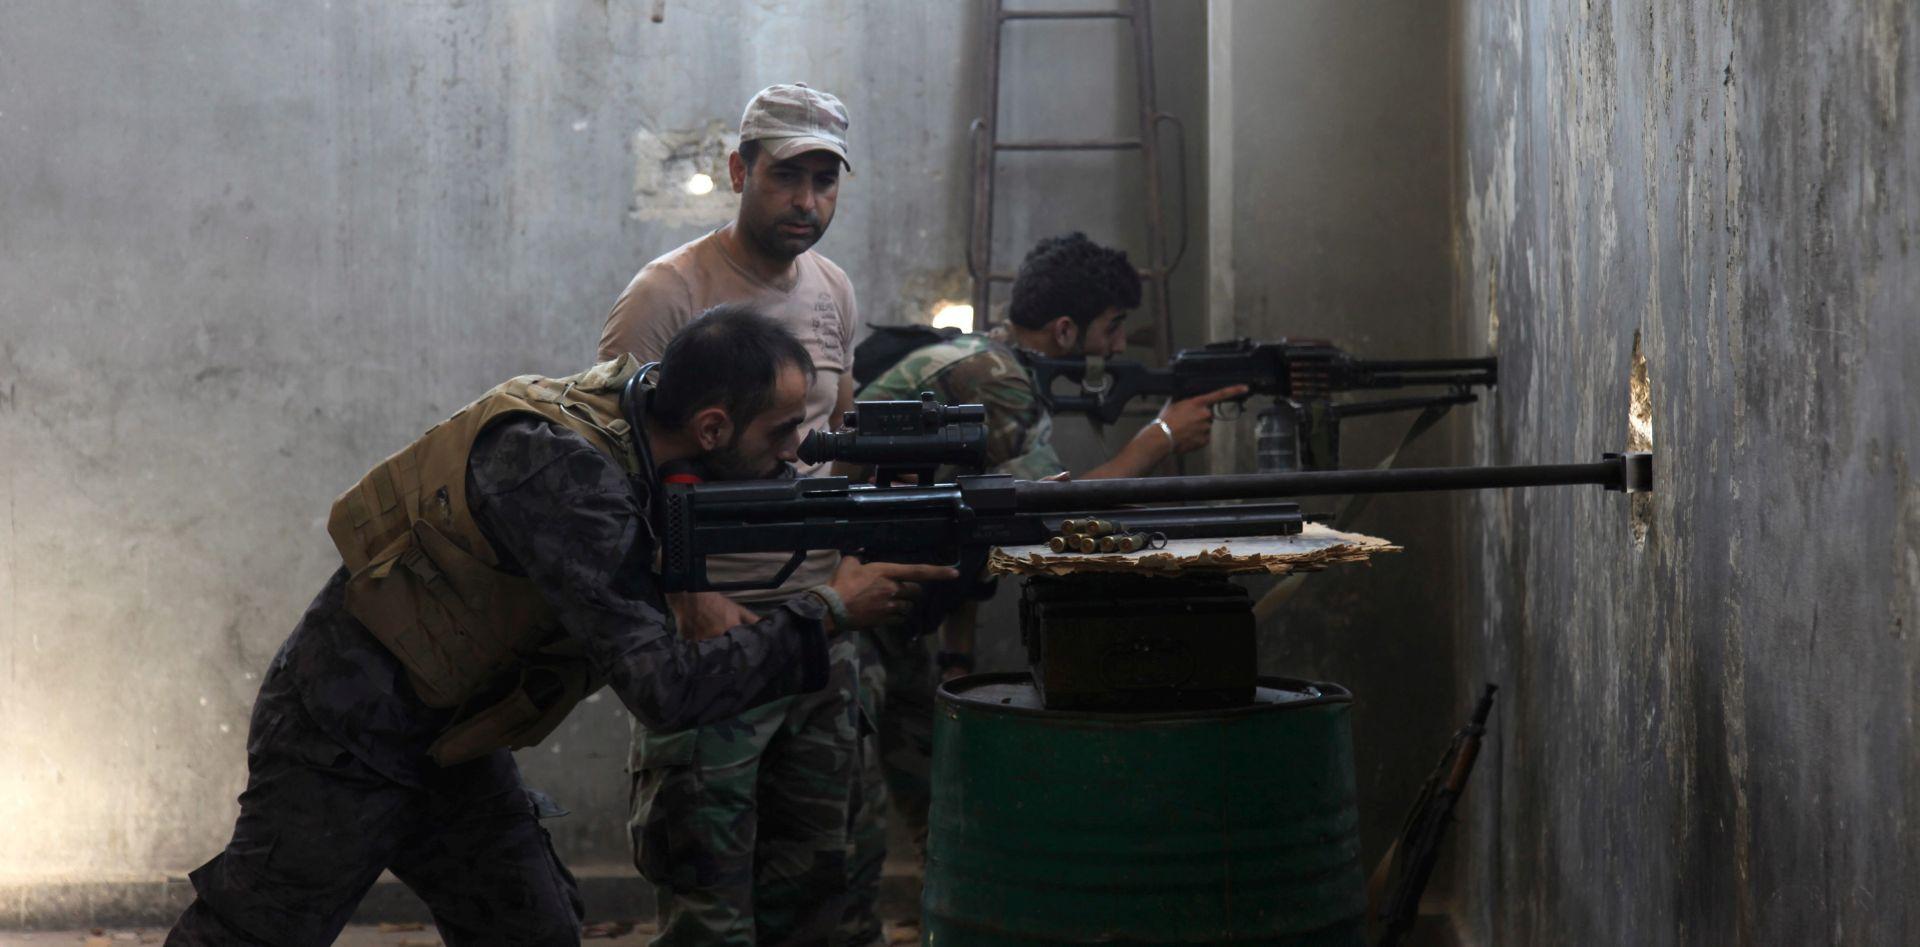 UPOTREBA BOJNOG OTROVA: Pobunjenici u Siriji optužuju režim, UN istražuje